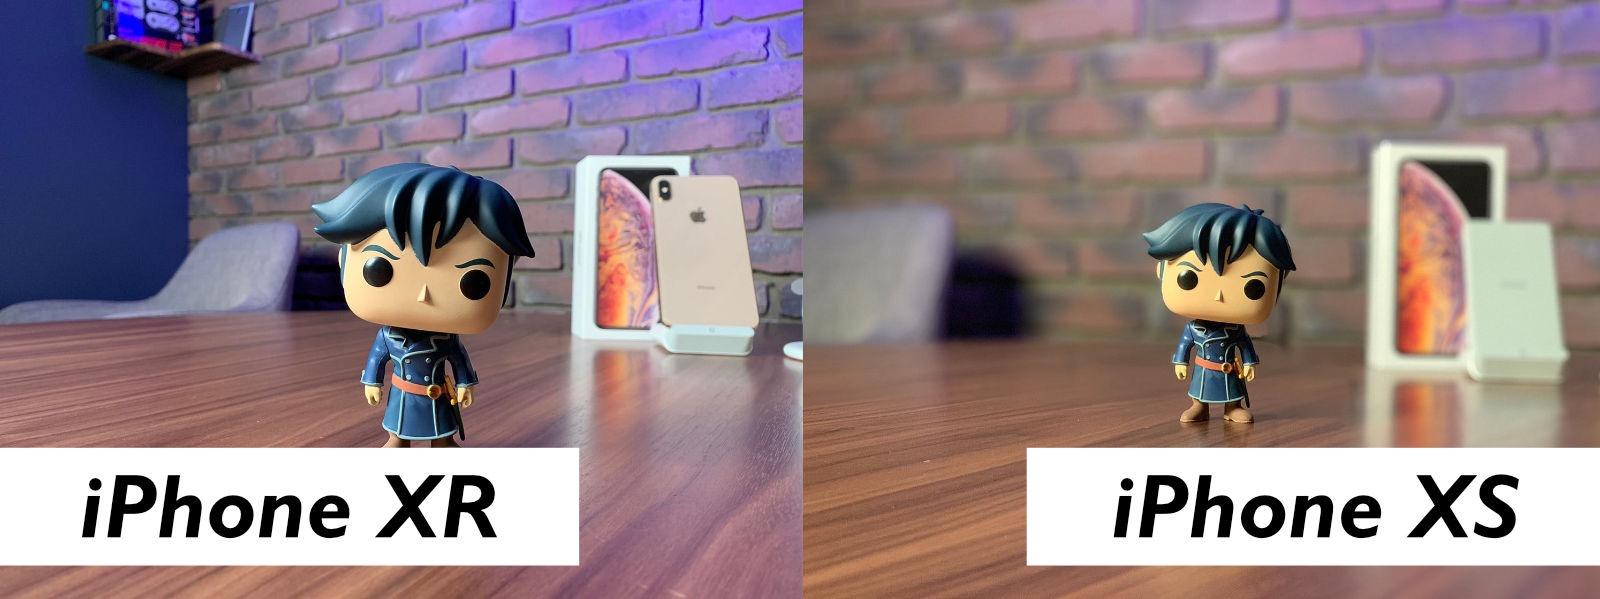 IPhoneXR XS camerahikaku 03